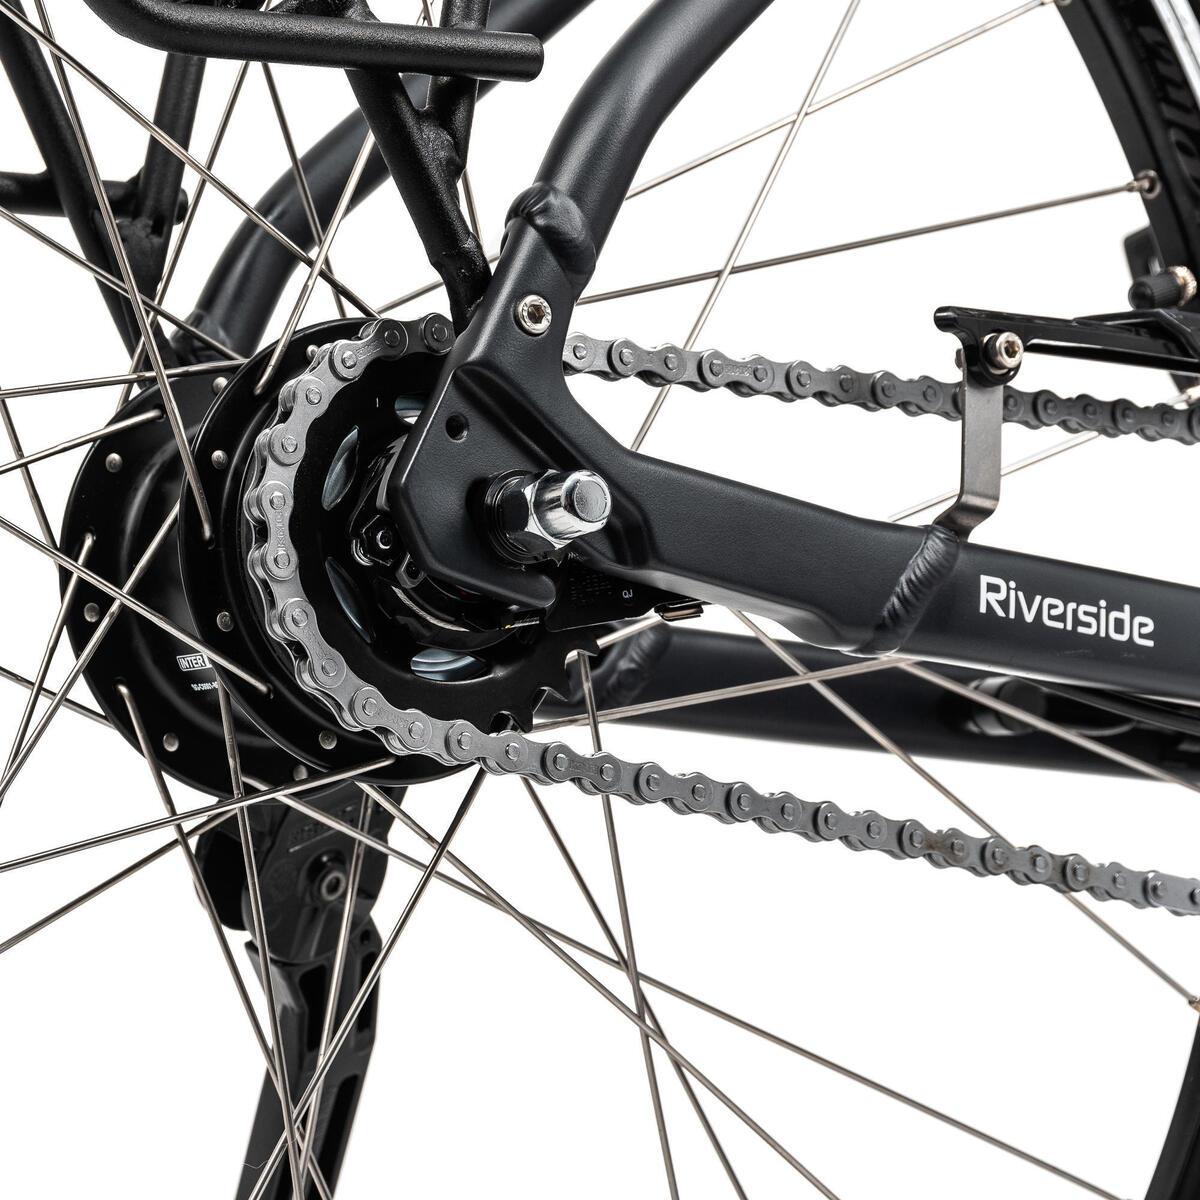 Bild 5 von E-Bike City Bike 28 Zoll Riverside City Nexus 8 Active Plus 400 Wh AVS